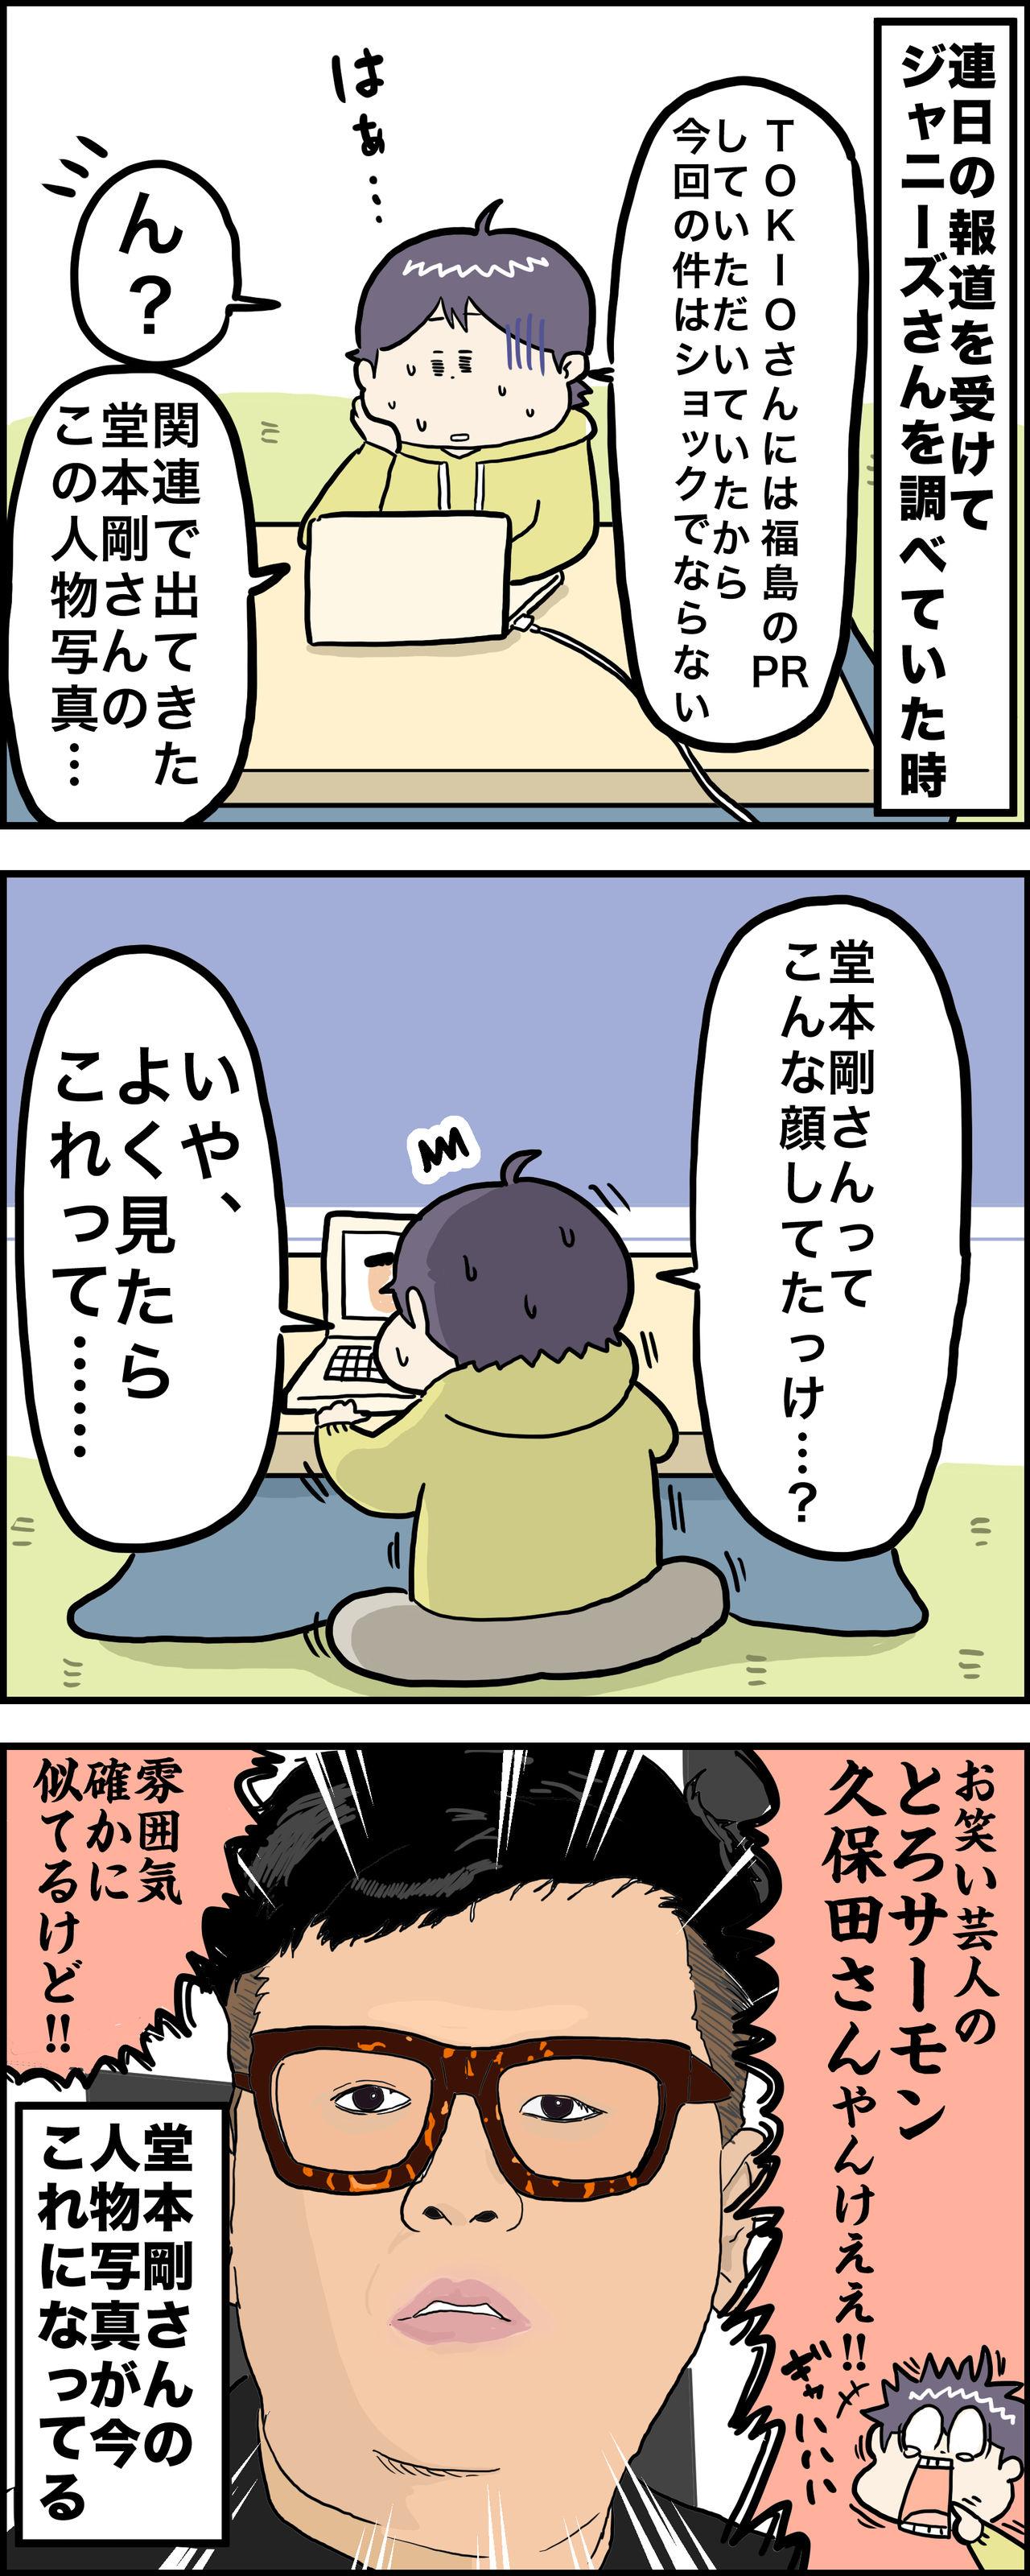 久保田 堂本剛